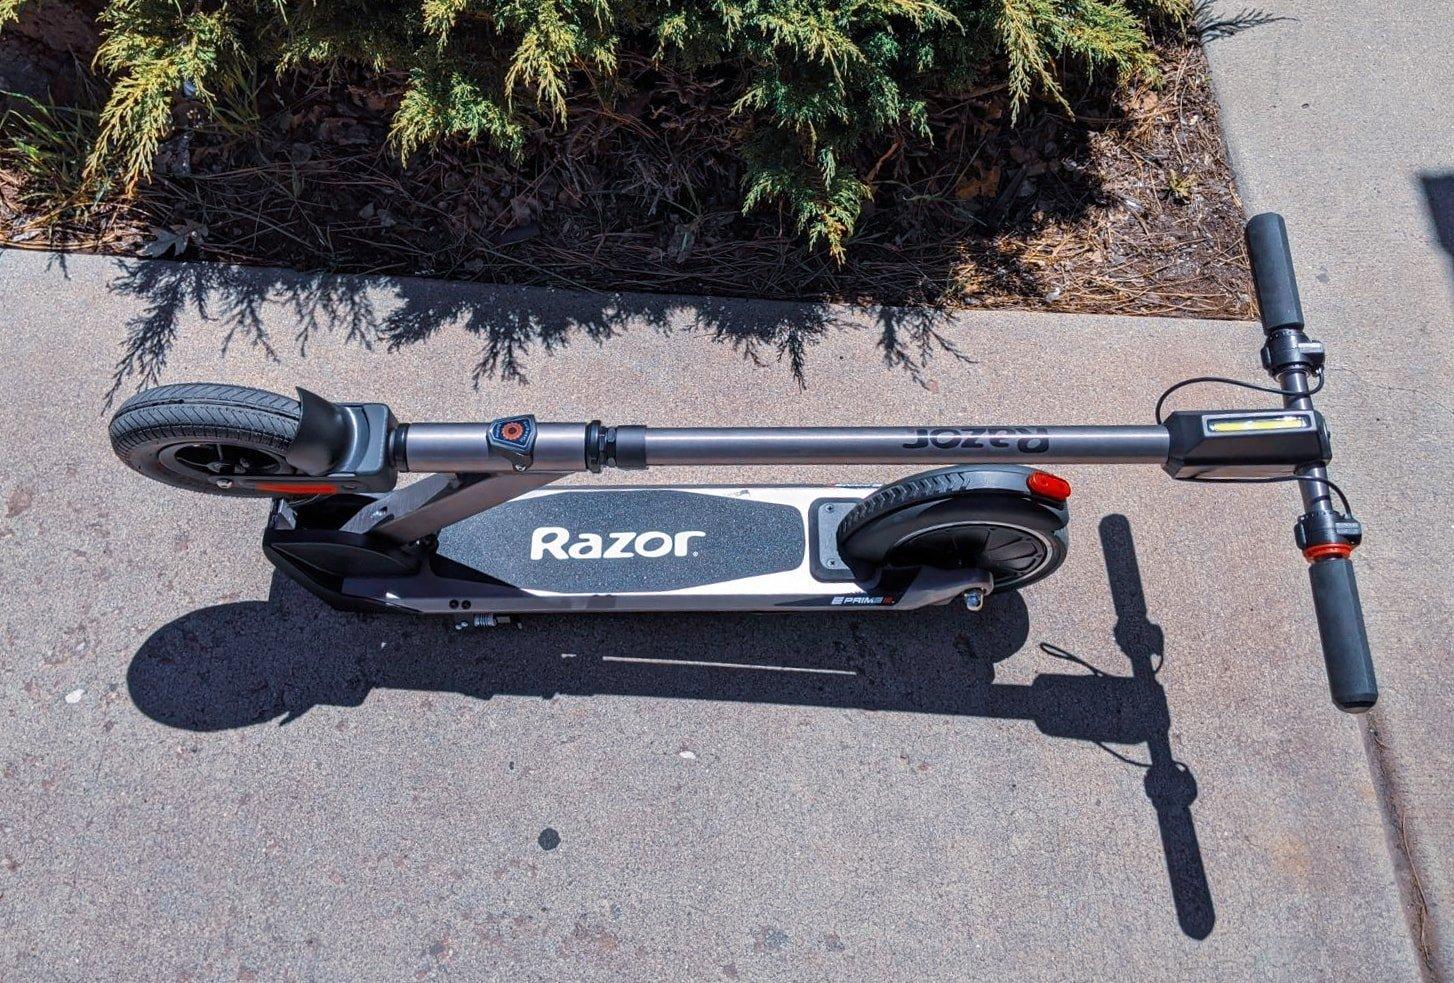 razor e prime iii electric scooter folded